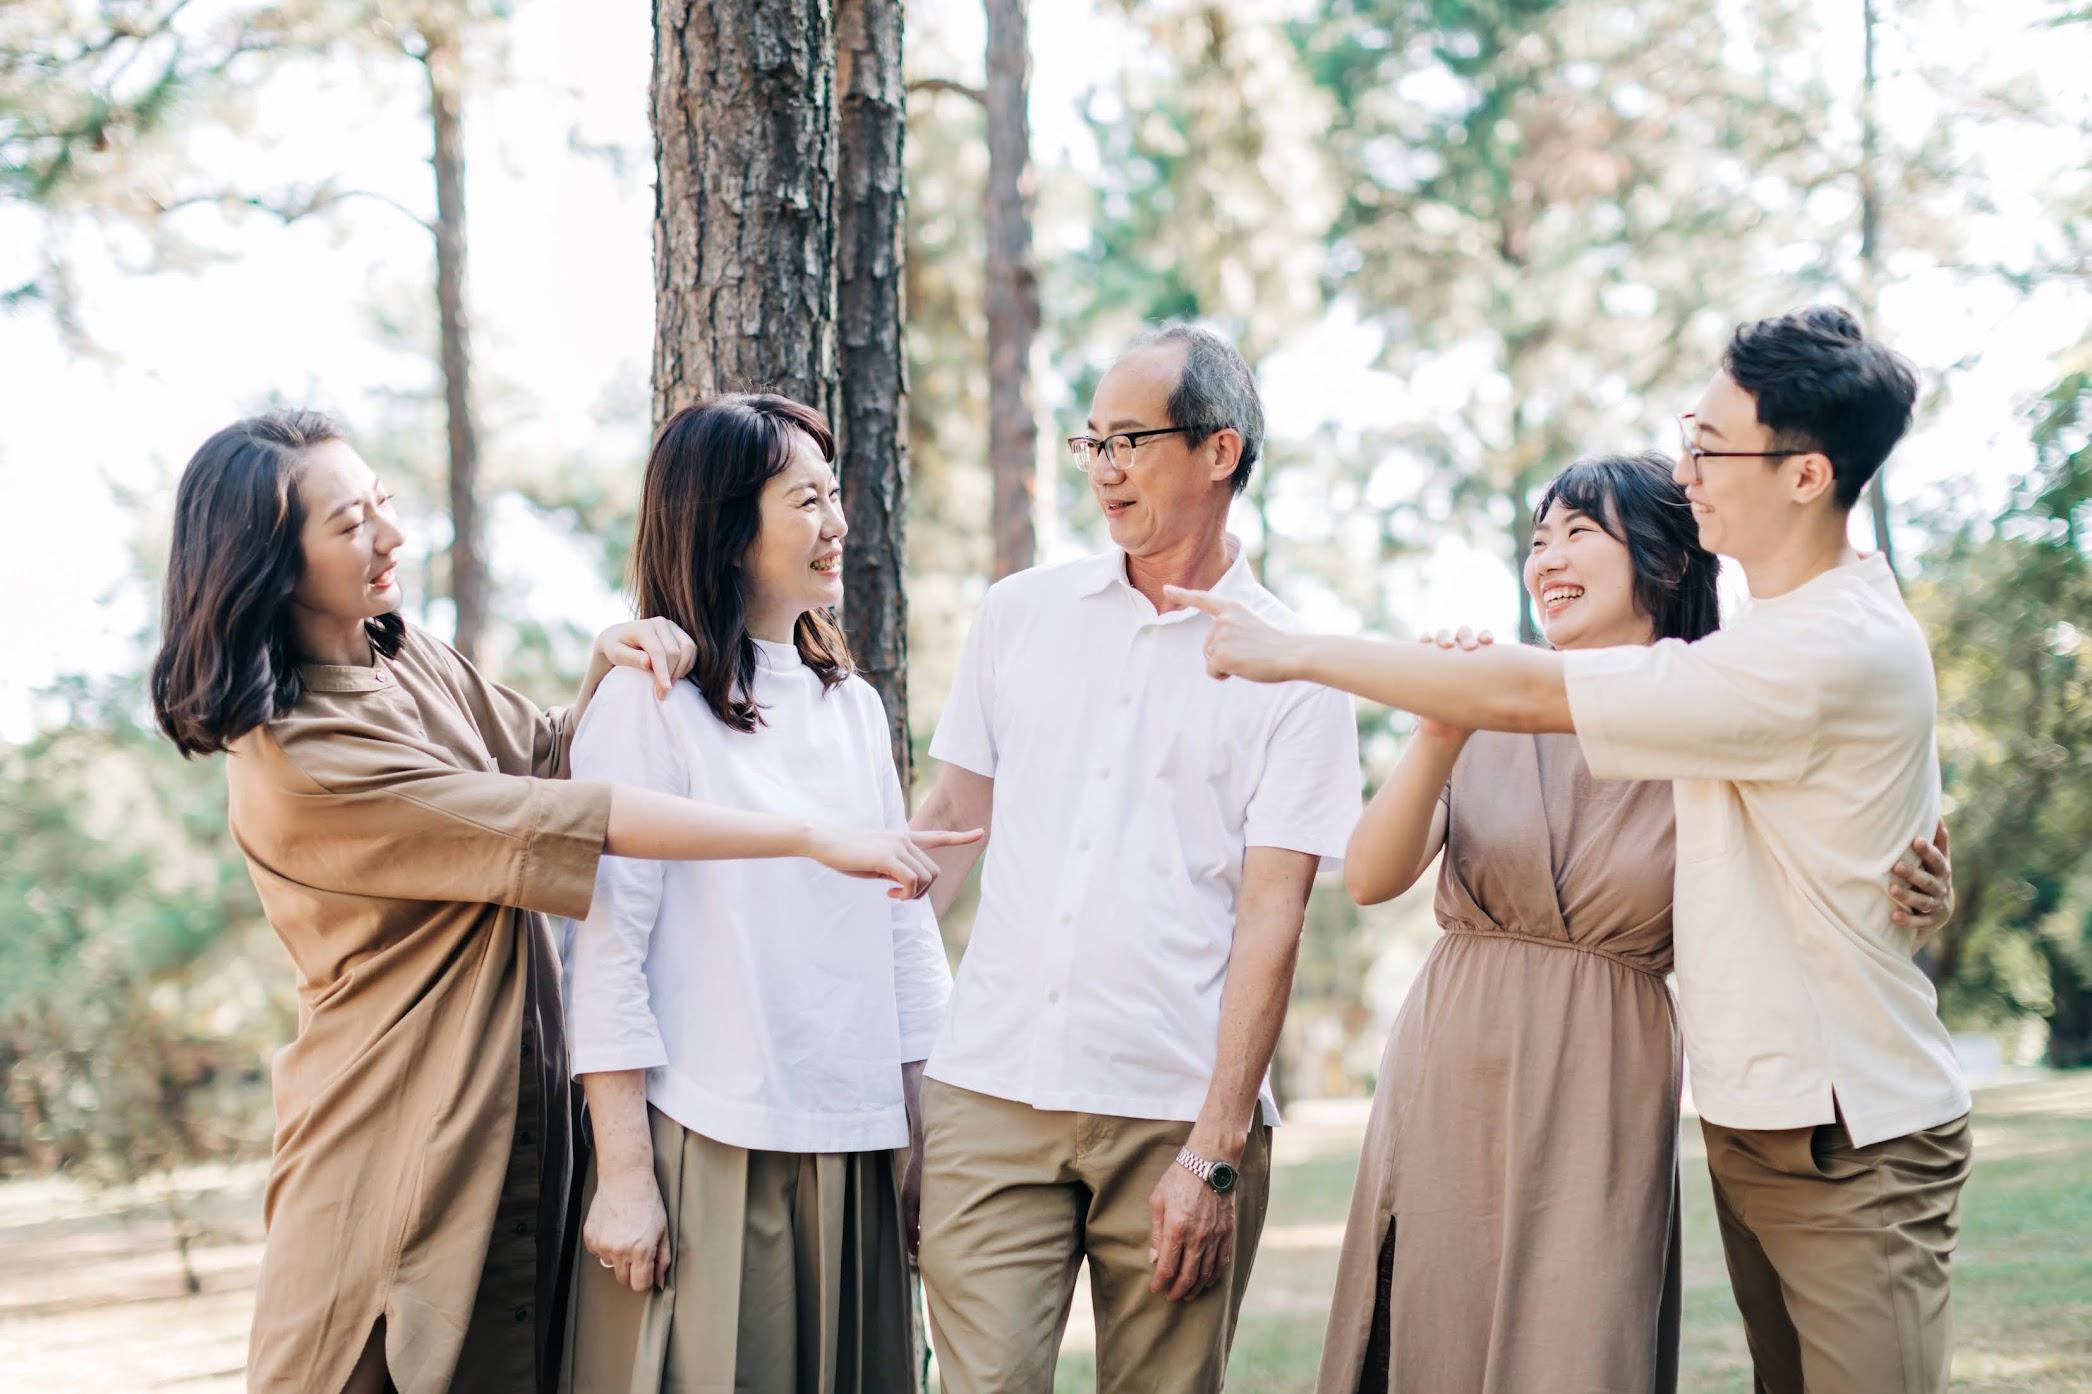 東海大學美式家庭寫真 | Hsu's Family | 戶外全家福 - 家庭照 東海大學美式家庭寫真 / 戶外 全家福 親子 / 美式婚紗婚禮 / 家庭照 , 今年秋天,我們在東海大學 ,替侑昕一家拍攝了這組 東海 外景 家庭照 ,在涼爽的季節,拍攝相當順利。這是一次非常深刻的 戶外 親子寫真 全家福 拍攝經驗,而外拍中,我們還買了可愛冰棒,在街道上為她拍攝AG的 逐光 美式 婚紗。